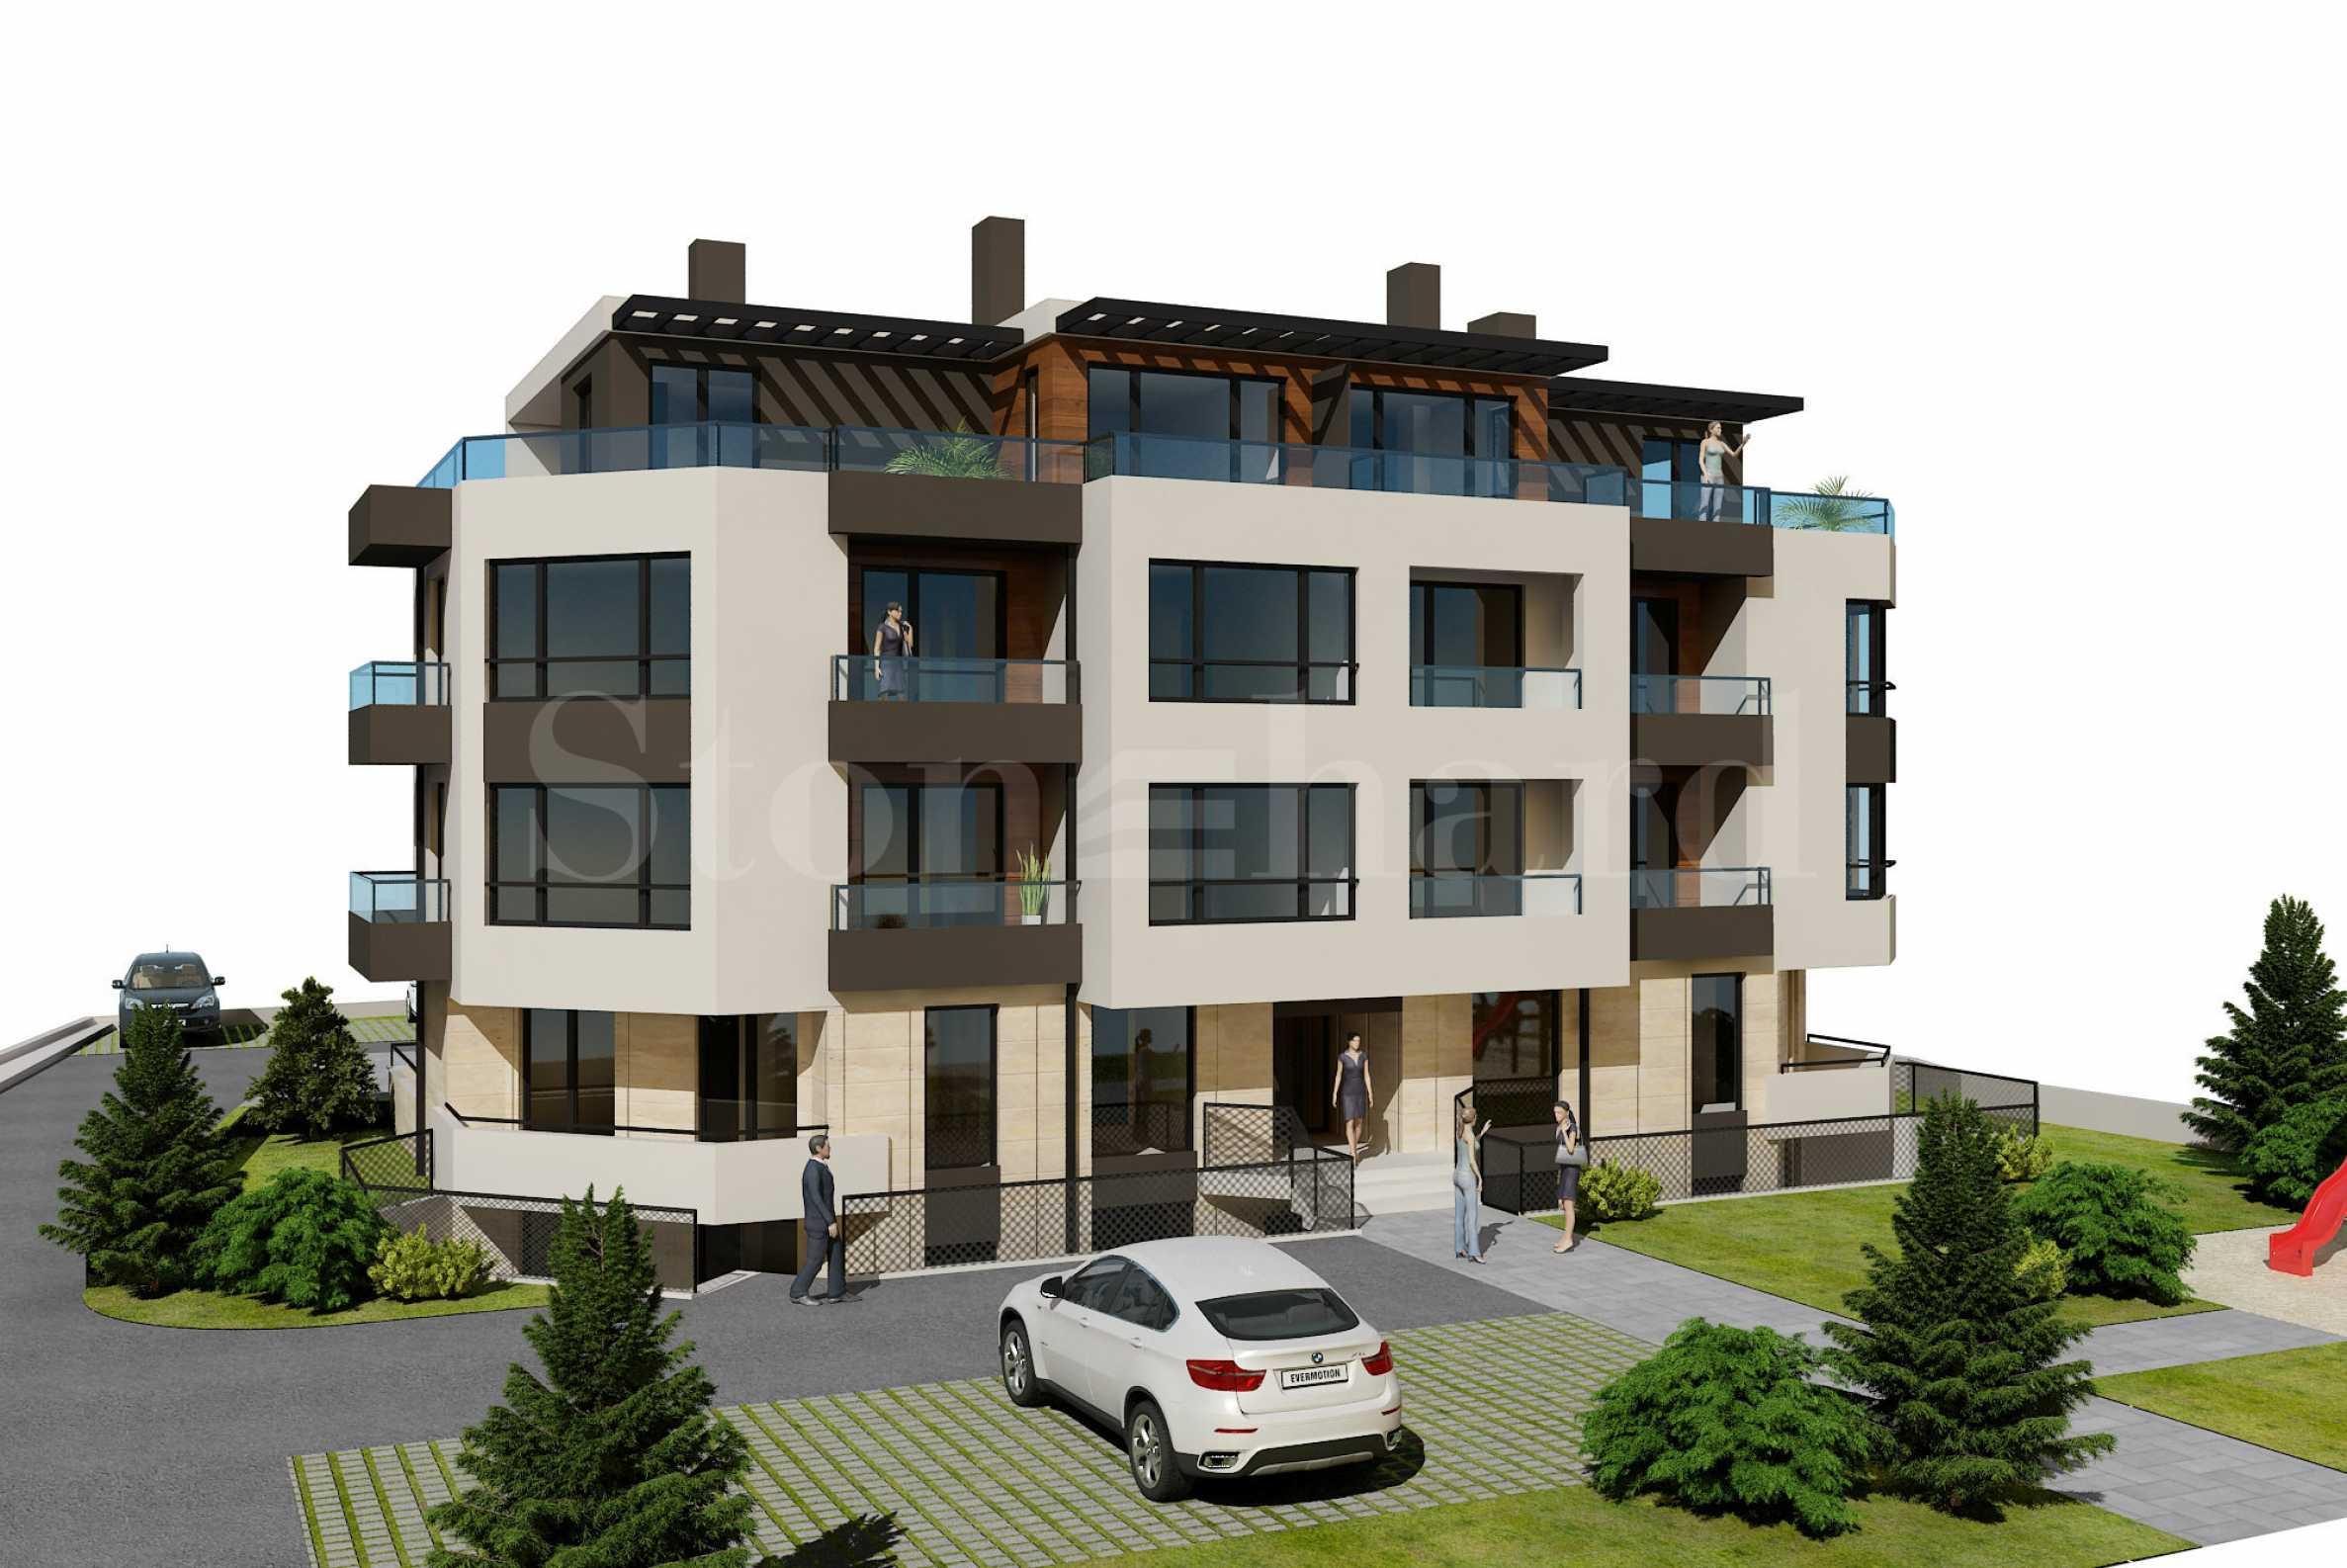 Апартаменти в новострояща се сграда в ж.к. Възраждане 3, гр. Варна1 - Stonehard